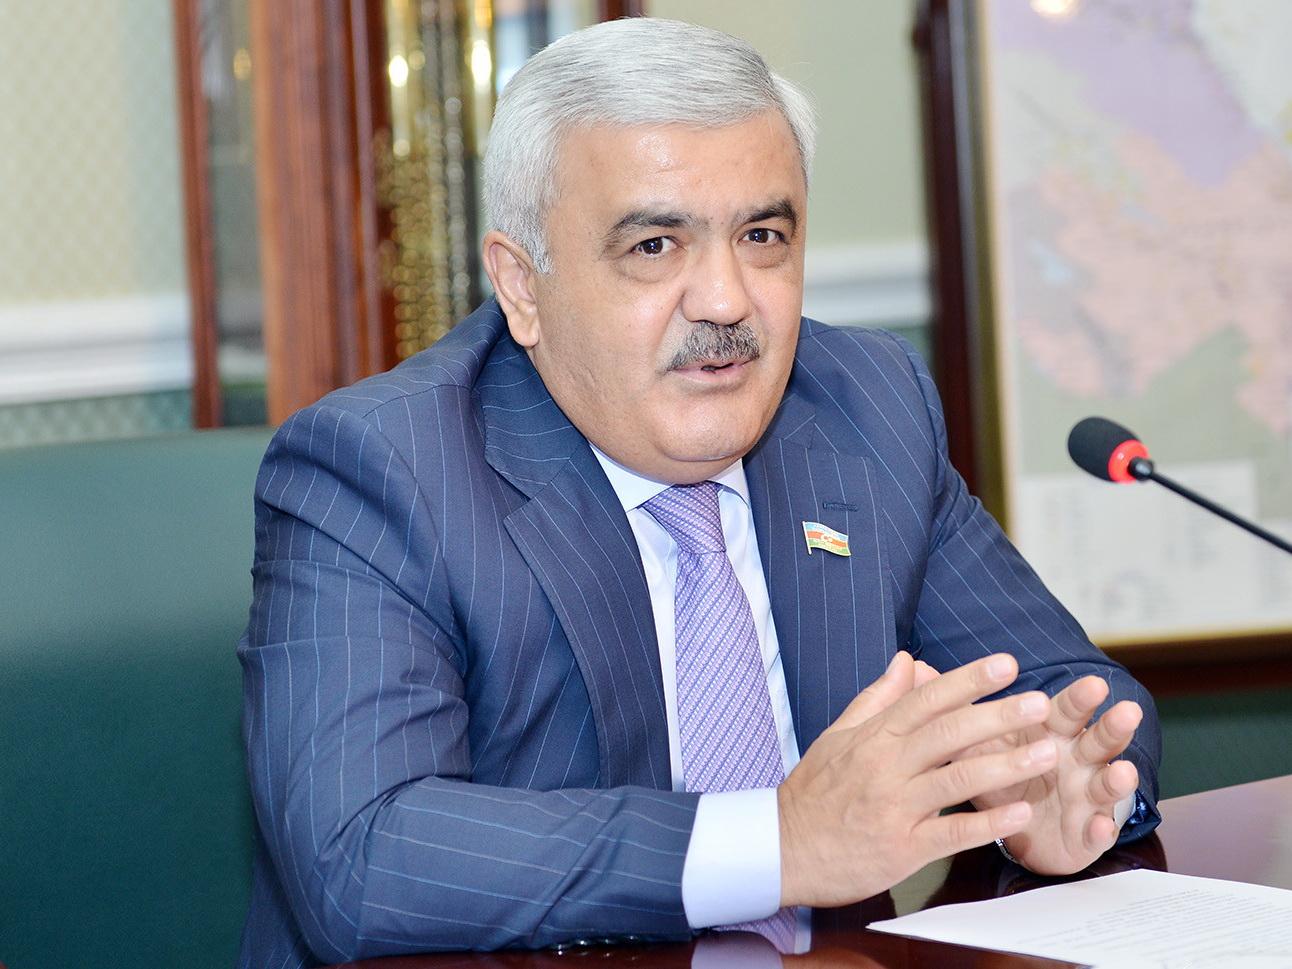 Оглашены объемы добычи накрупнейшем газовом месторождении Азербайджана